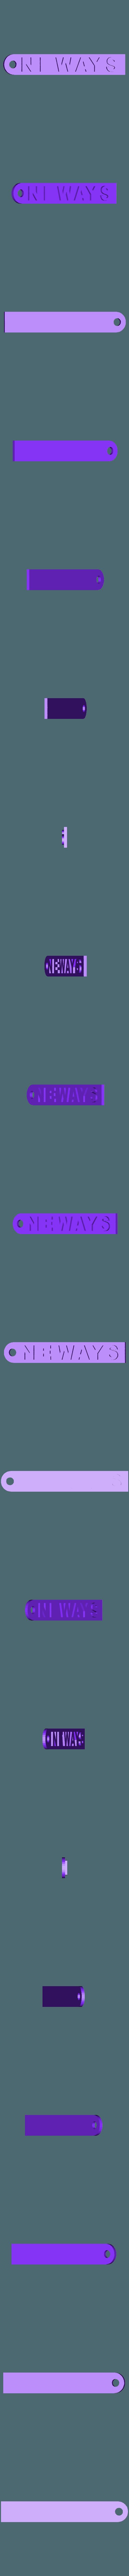 neways.stl Télécharger fichier STL gratuit Porte-clés Neways • Objet pour impression 3D, fgeer